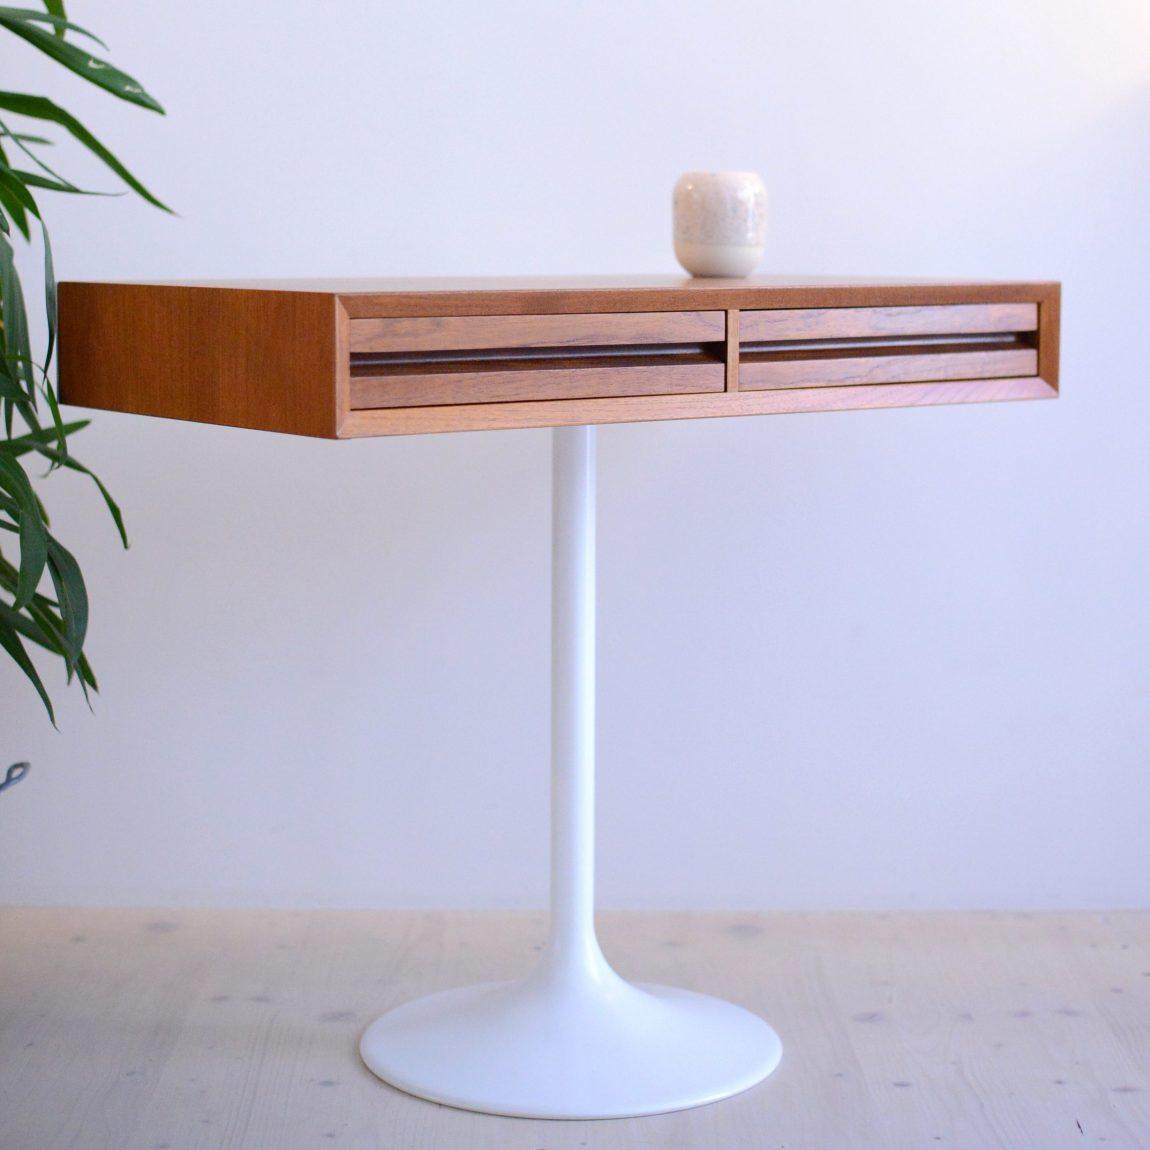 Cado-Tulip Hybrid Desk Teak heyday möbel moebel Zürich Zurich Binz Mid-Century Modern